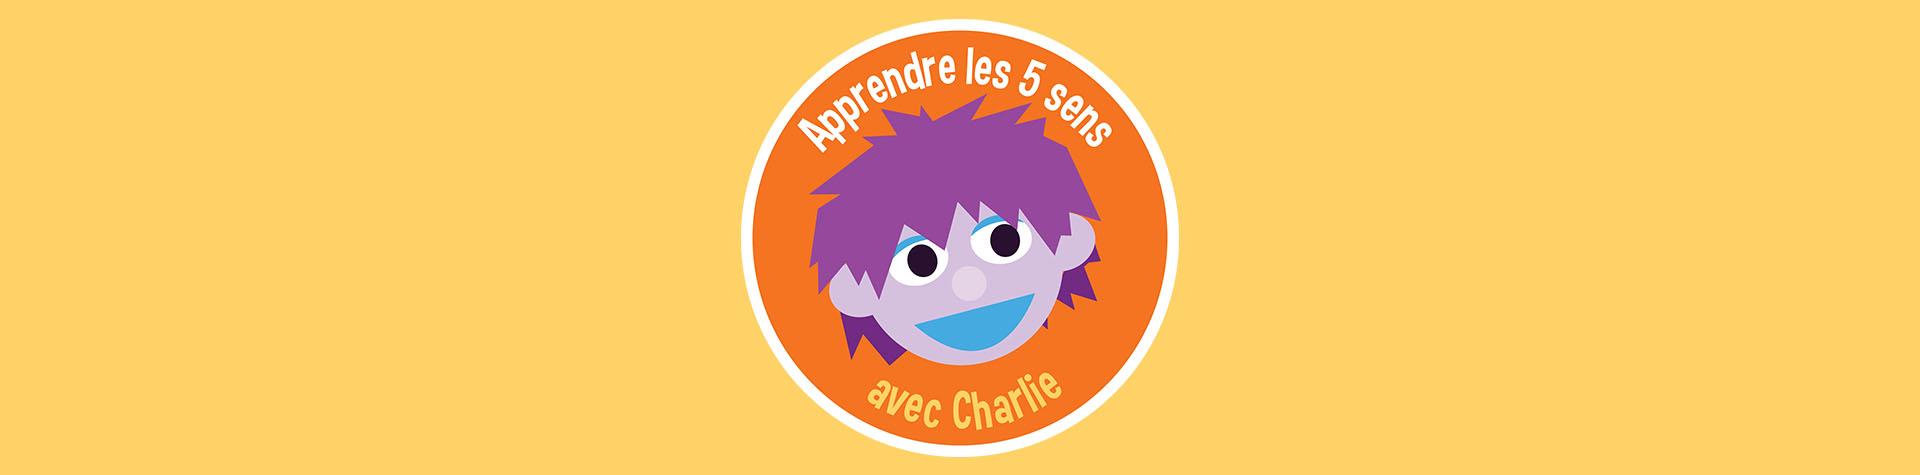 Logo Apprendre les 5 sens avec Charlie